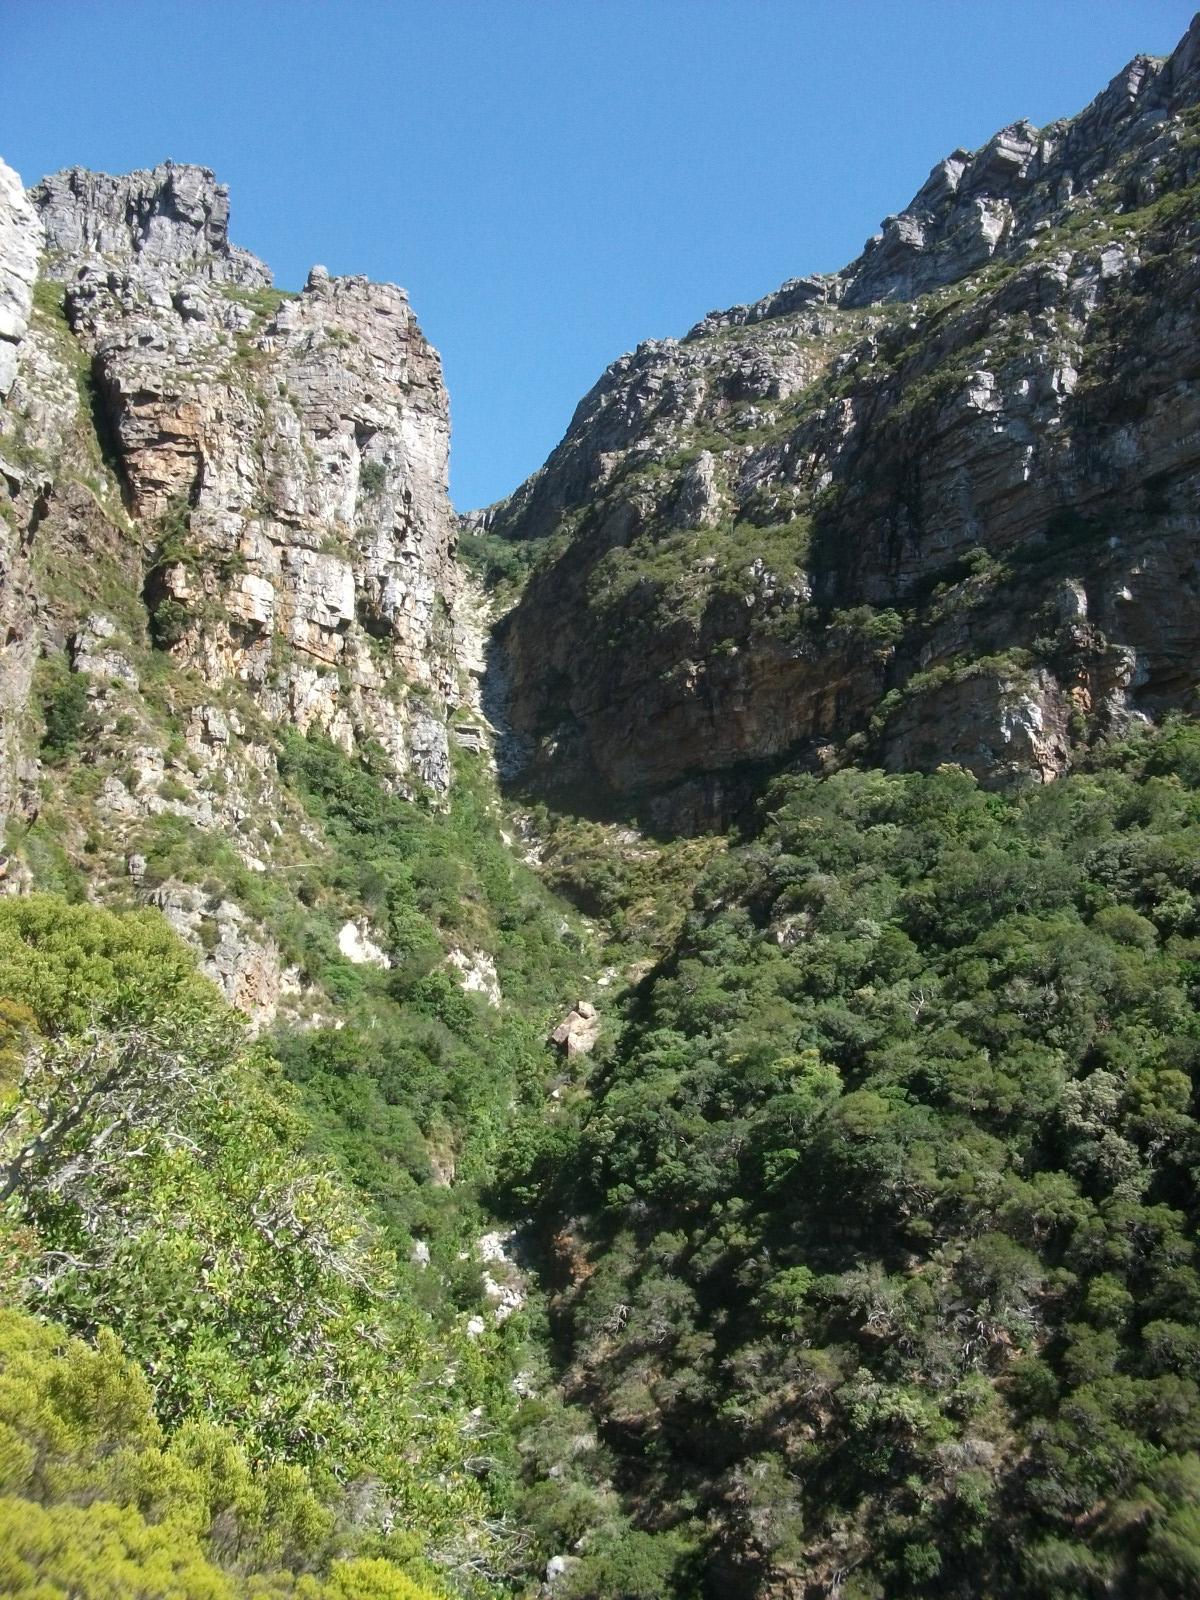 Hike above camps bay and Llandudno